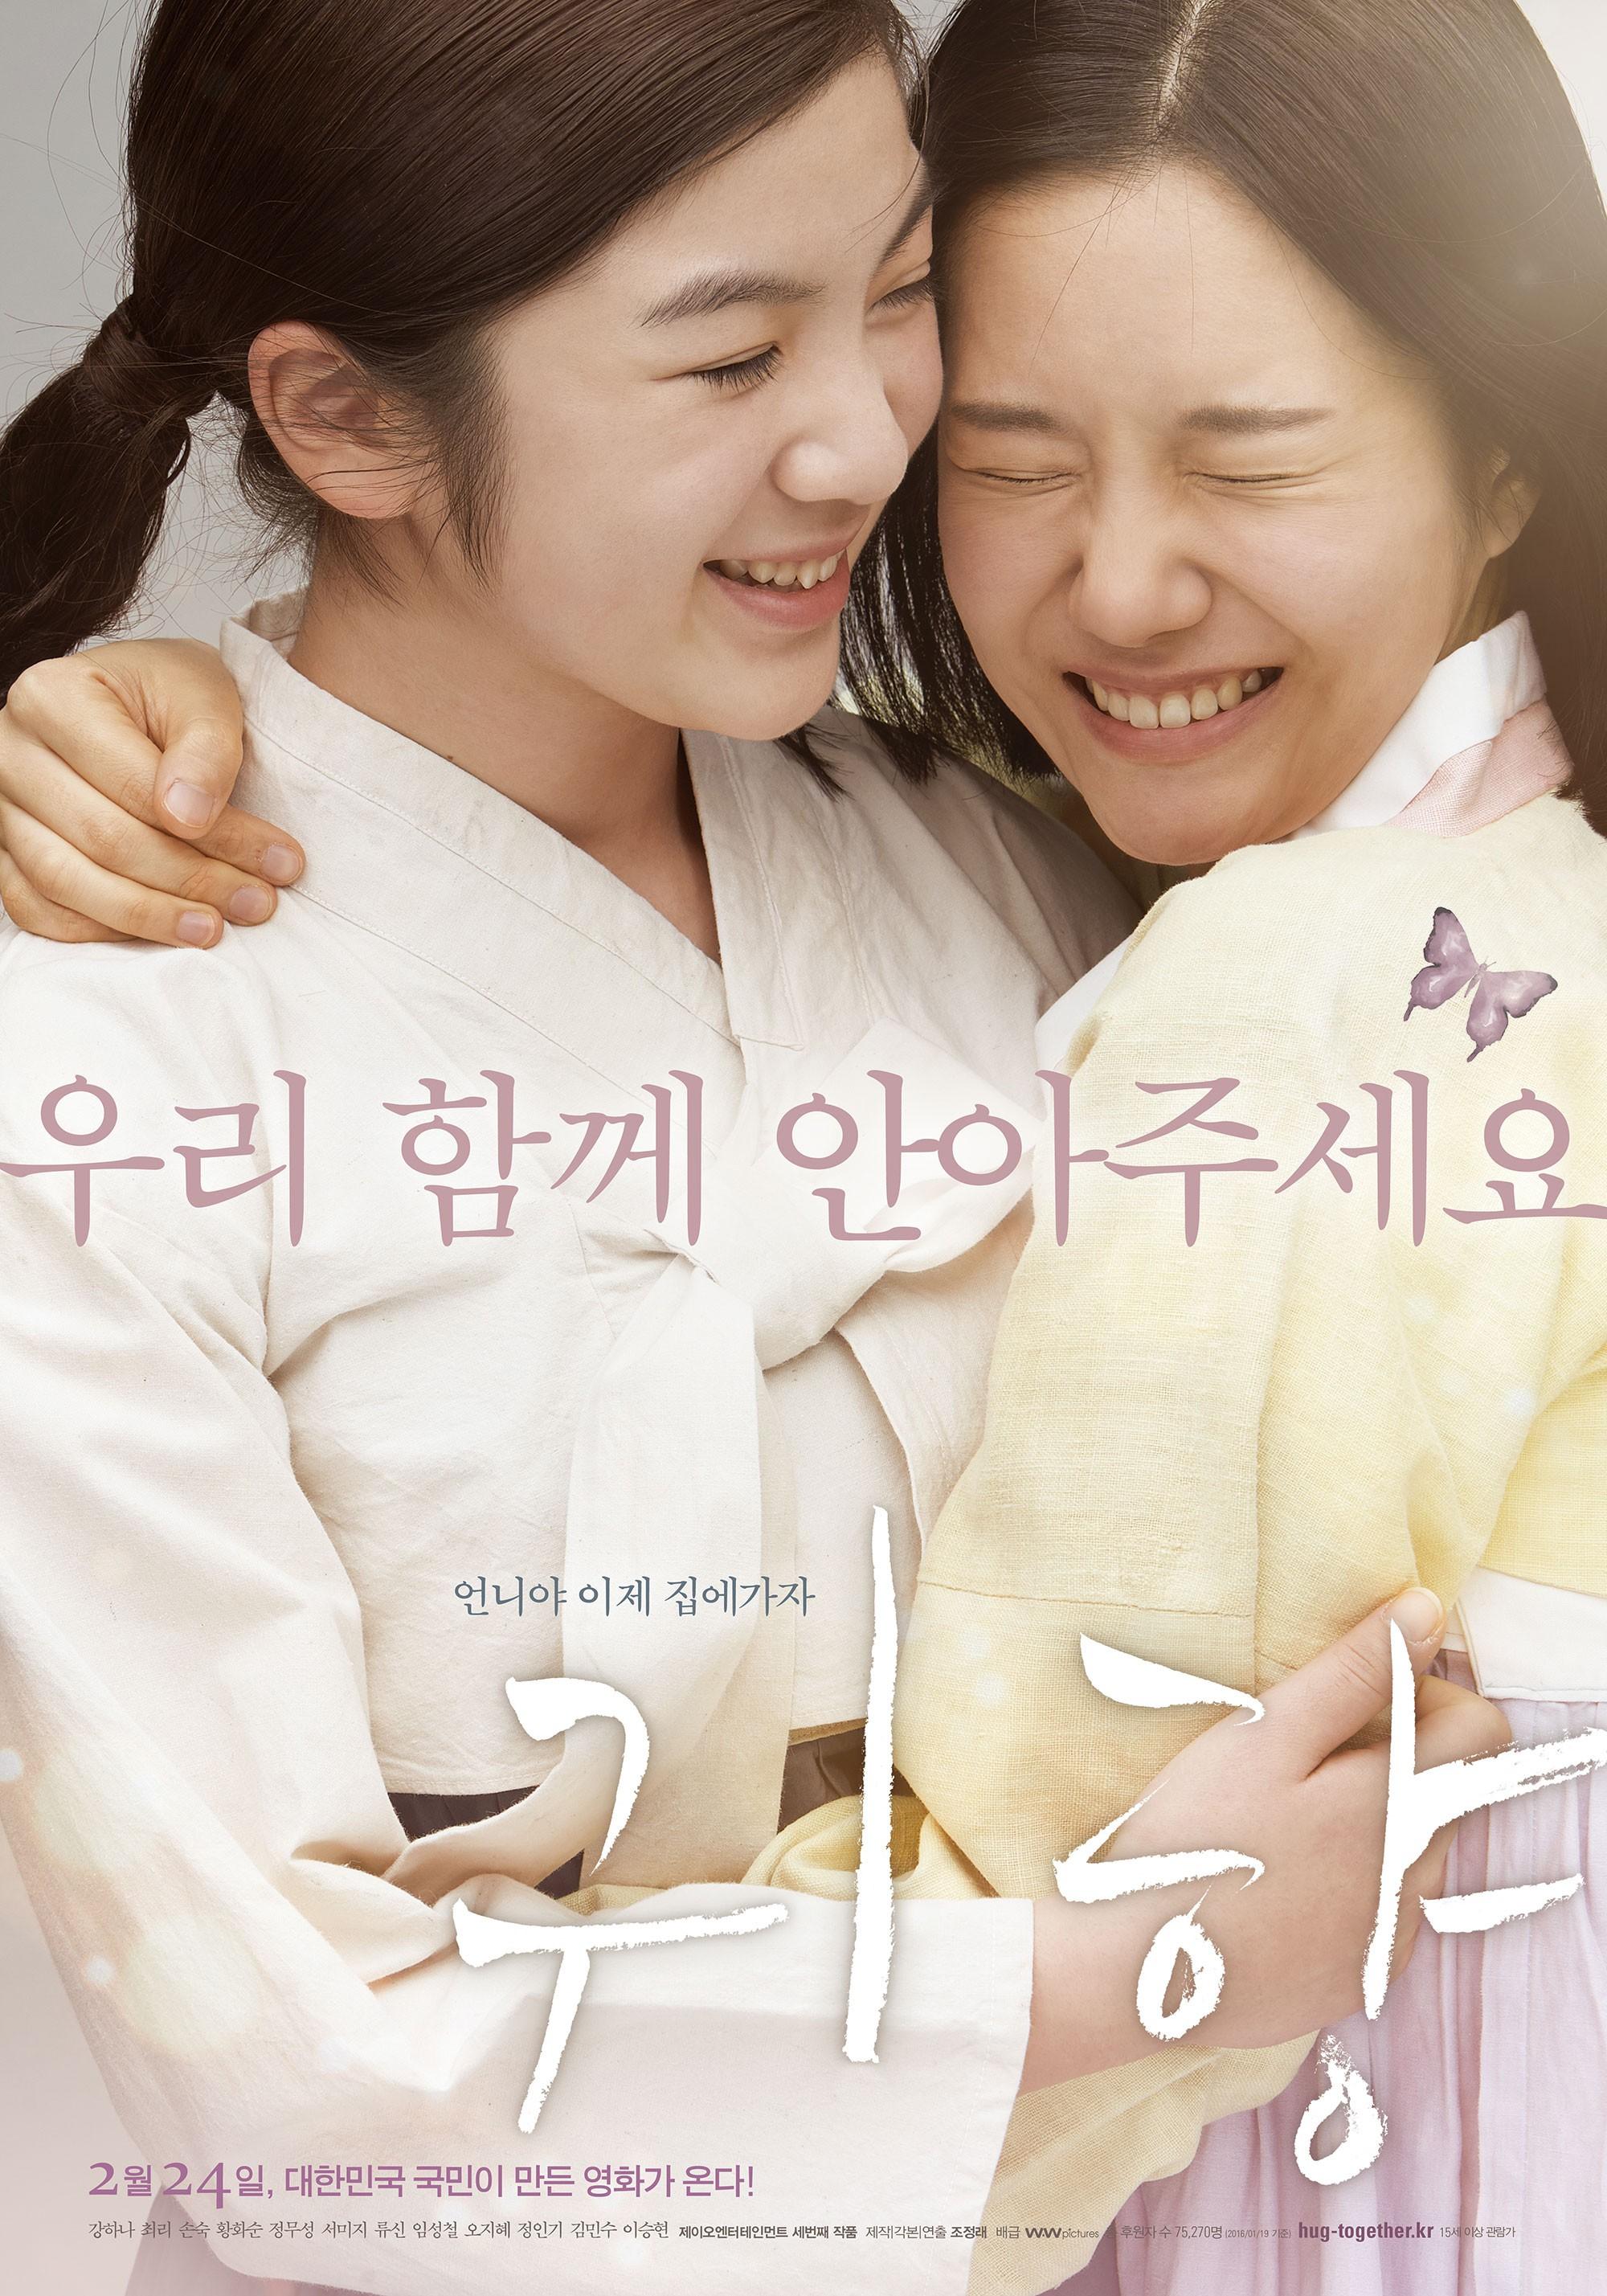 Sao nhí Hàn Quốc bị netizen Nhật uy hiếp vì đóng phim về nô lệ tình dục thời chiến - Ảnh 1.